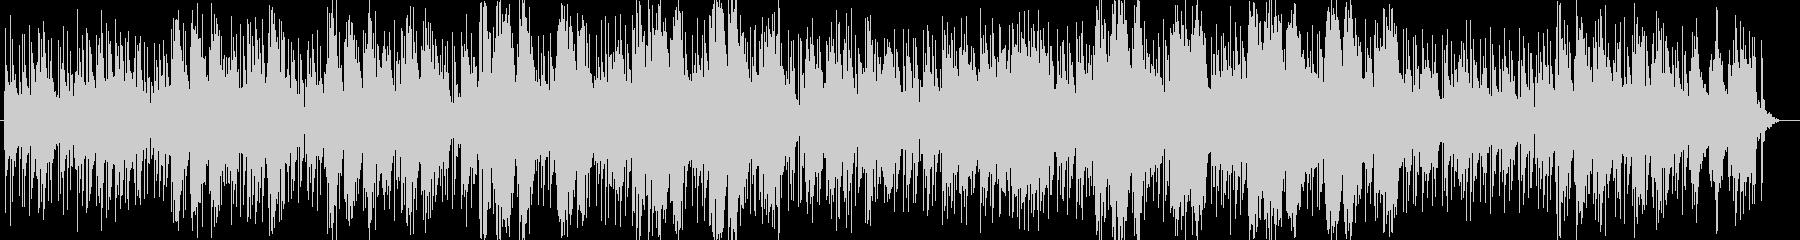 カントリー風ギターシンセサイザーサウンドの未再生の波形